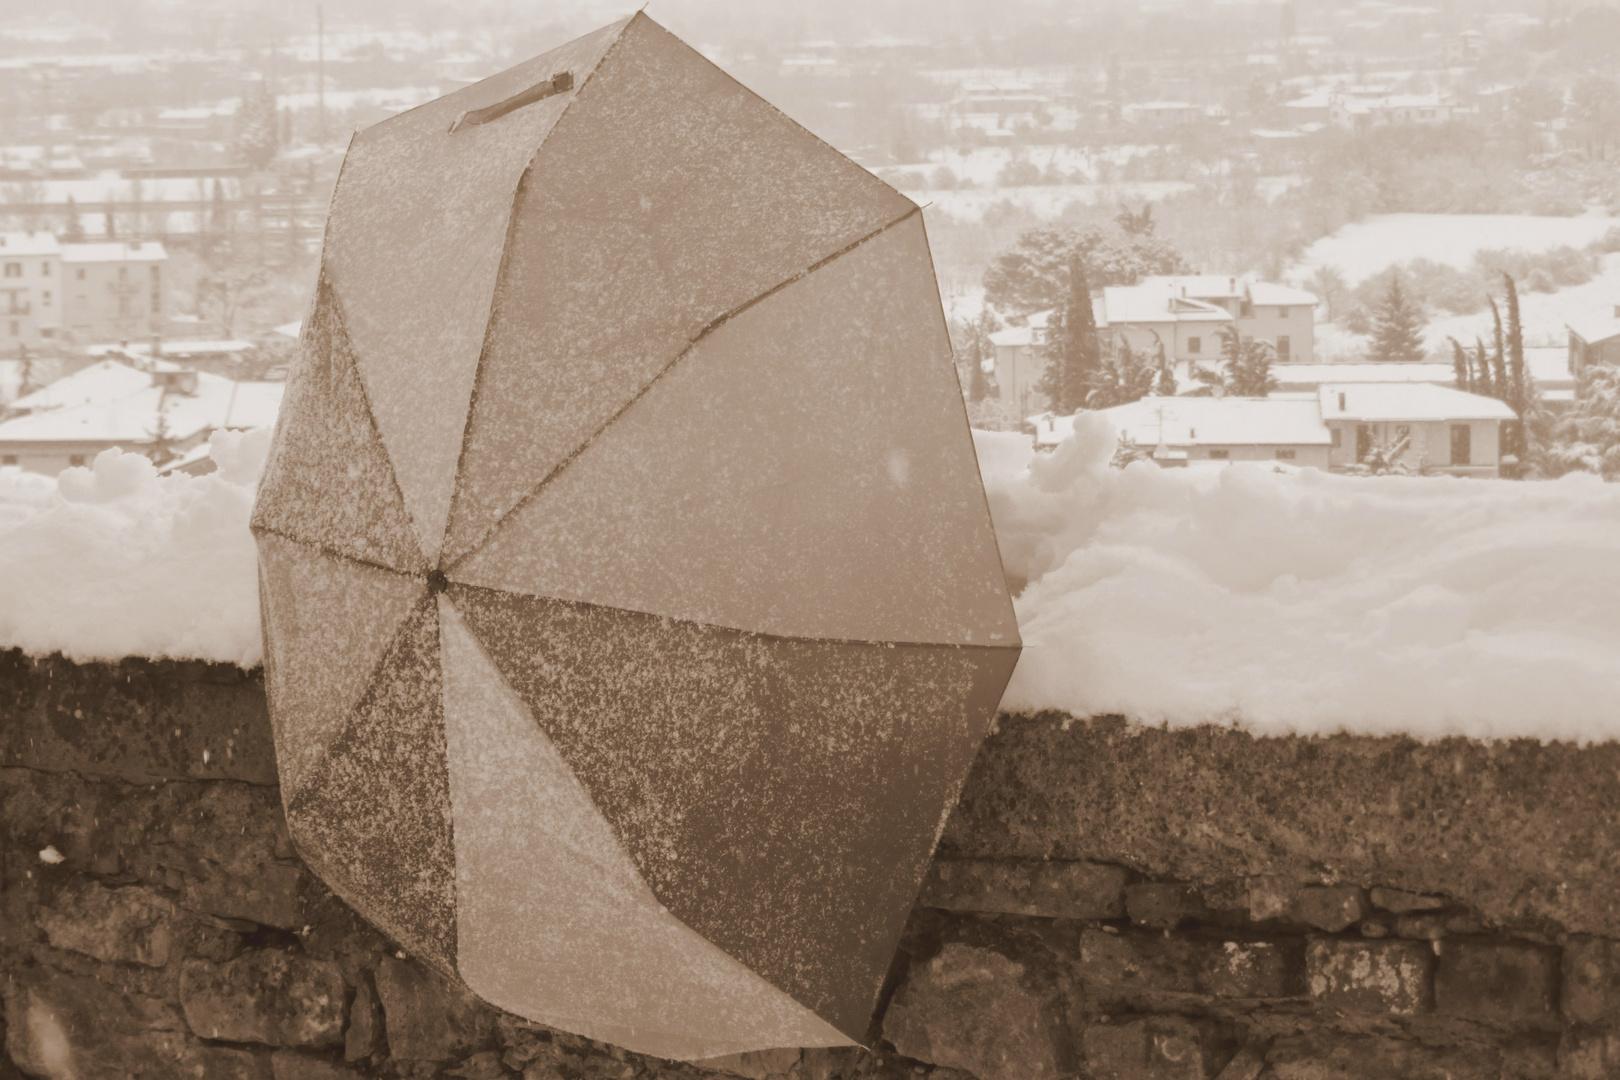 Ombrello sulla neve 4